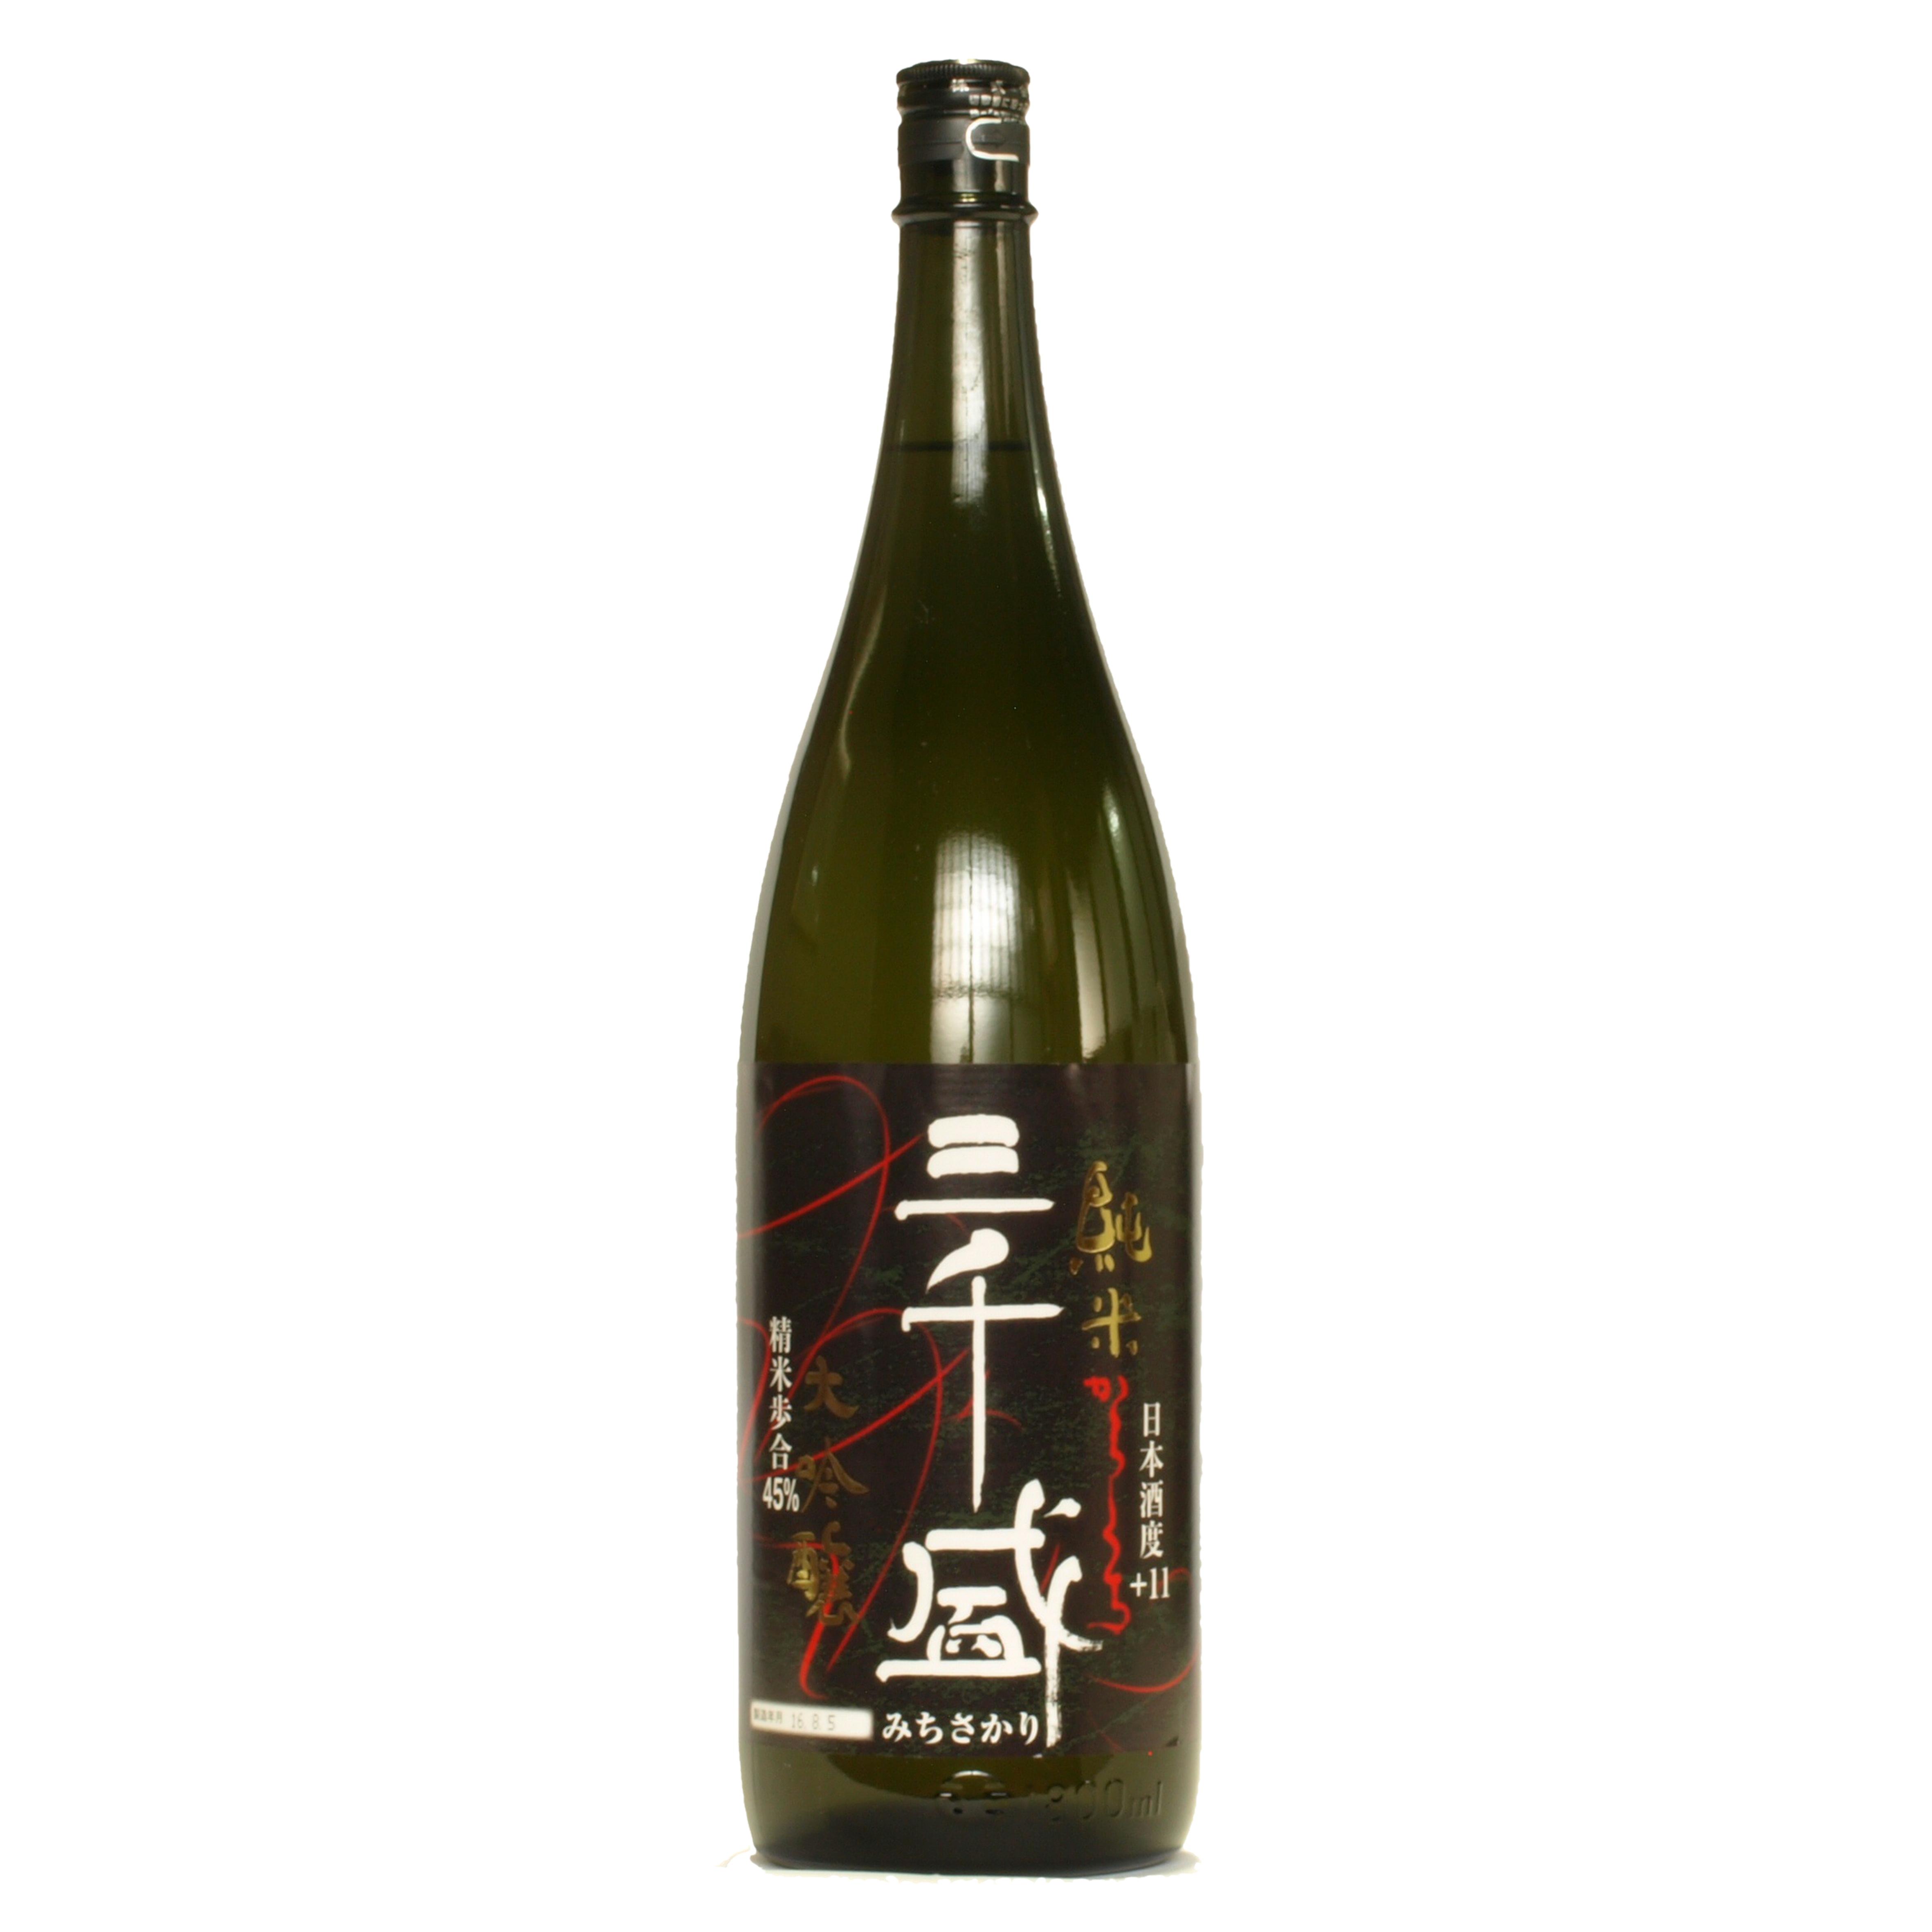 三千盛(みちさかり) 純米大吟醸